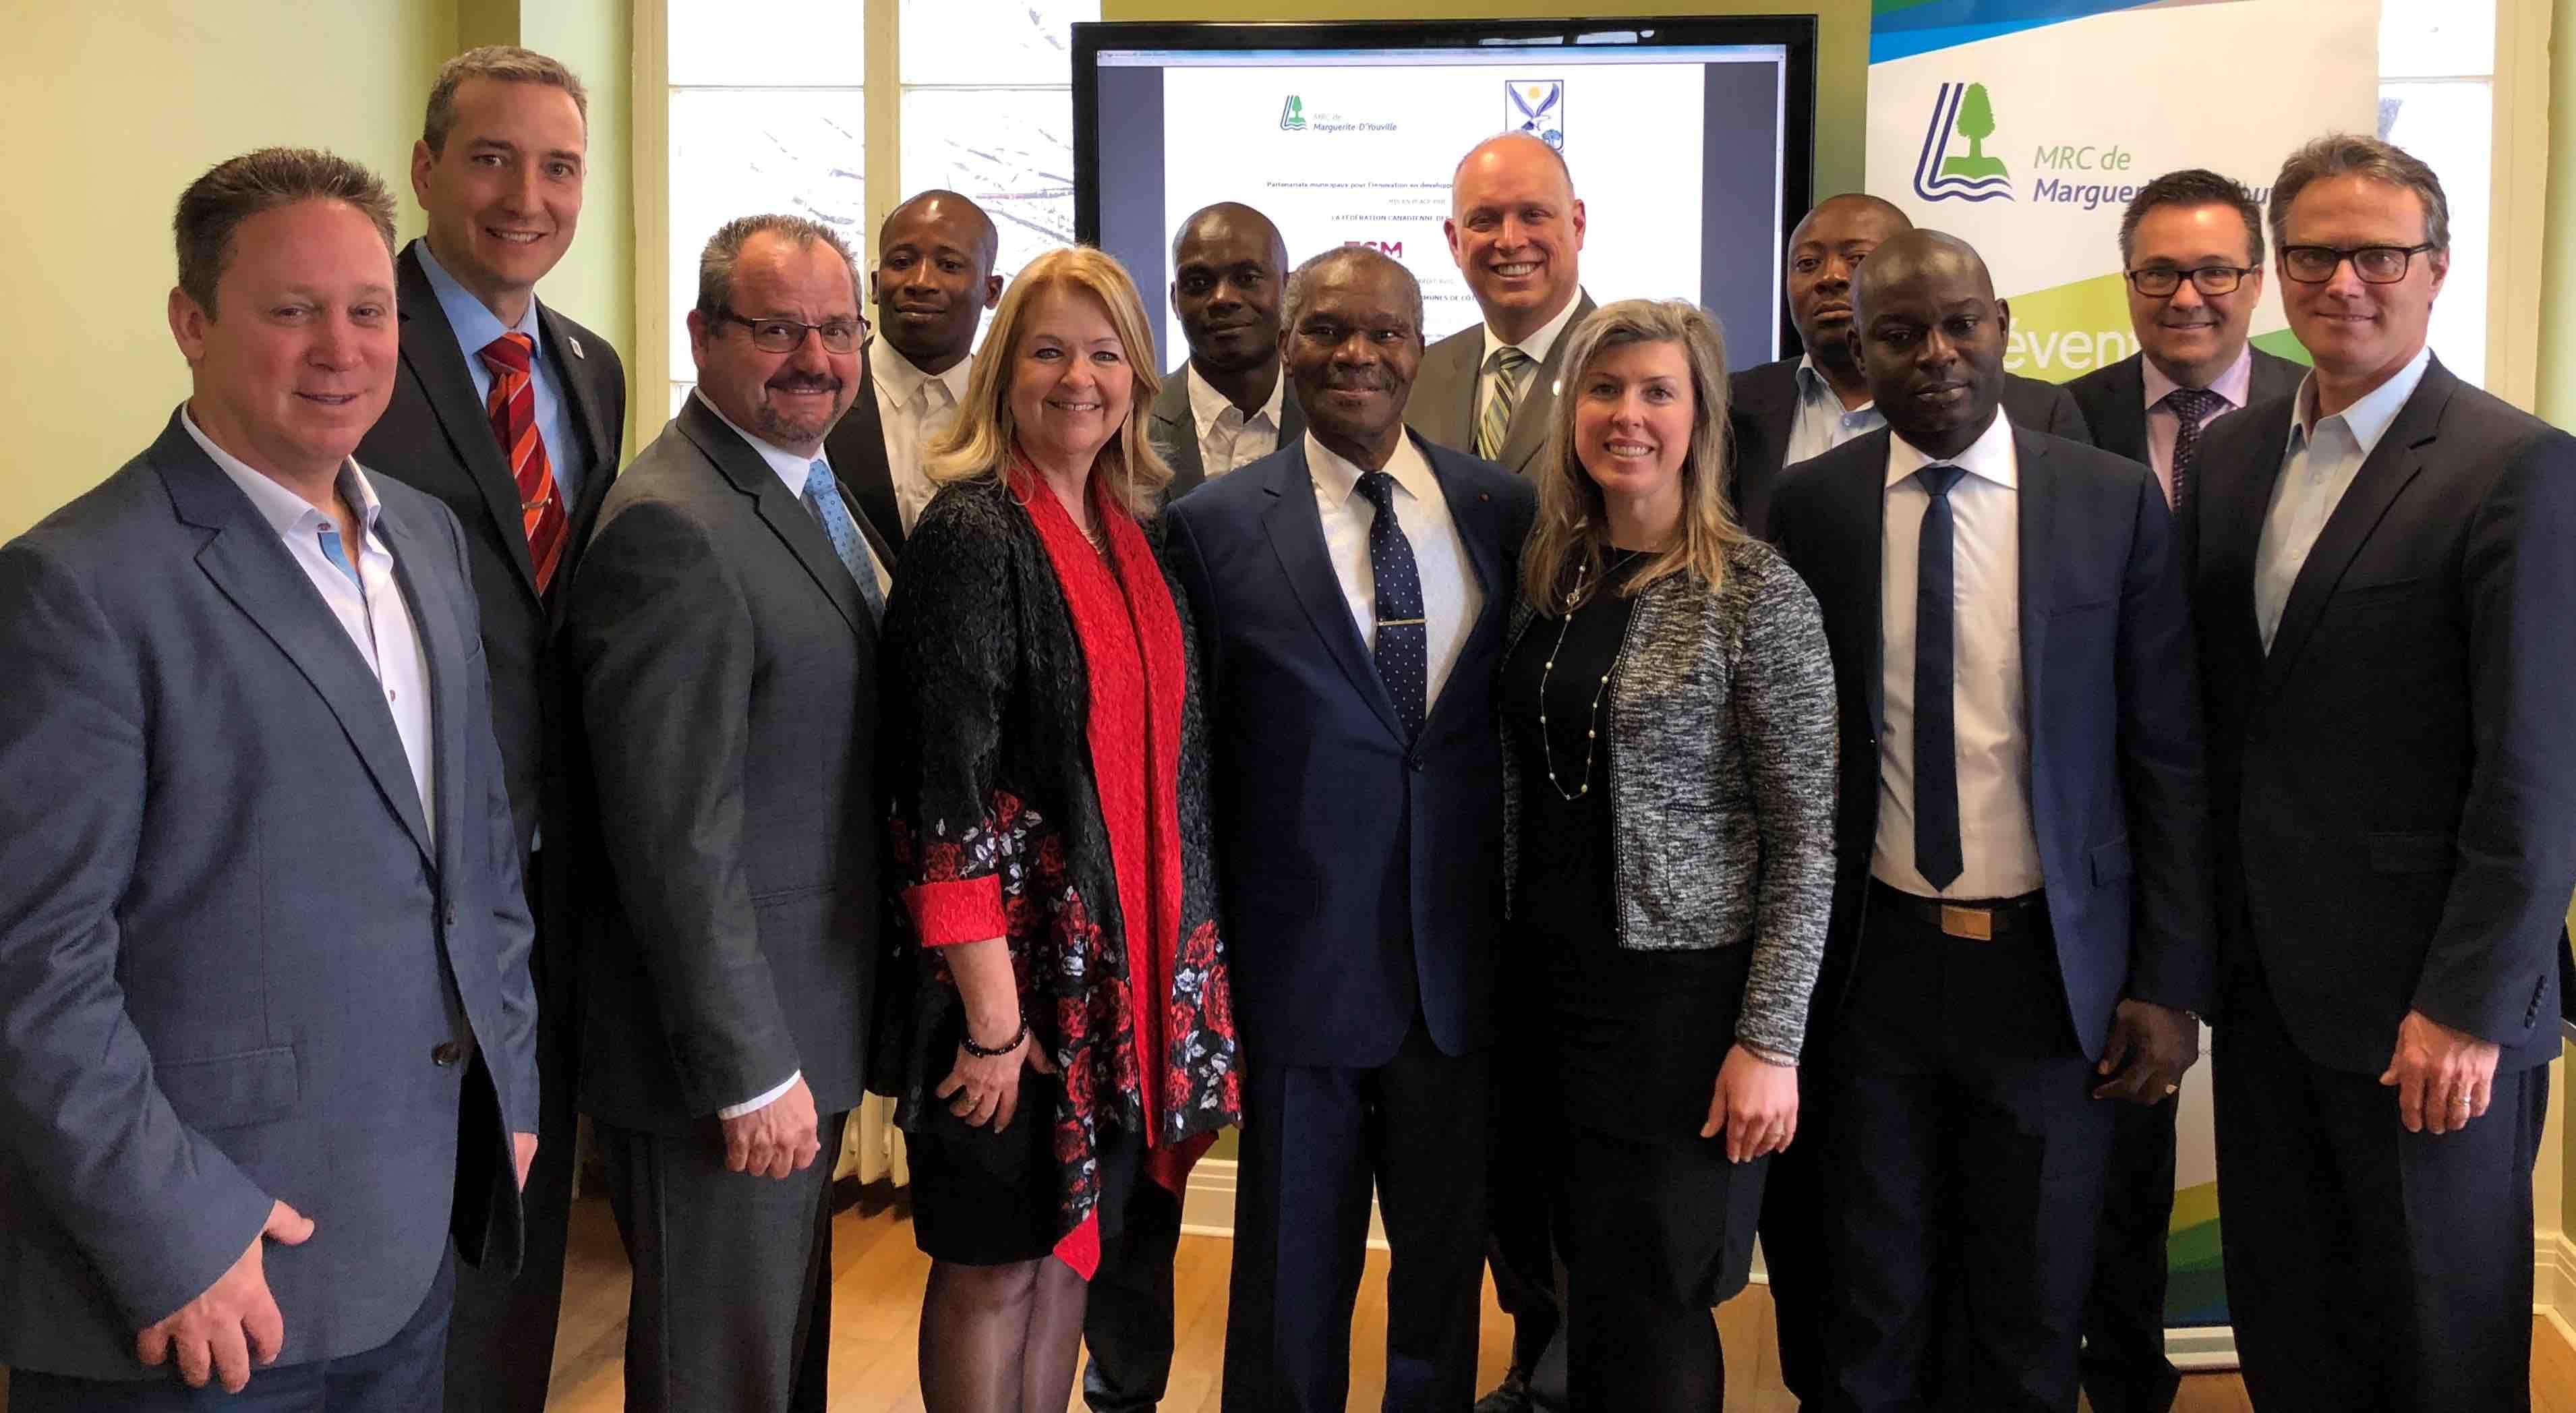 La MRC de Marguerite-D'Youville signe un protocole d'entente avec la Côte D'Ivoire